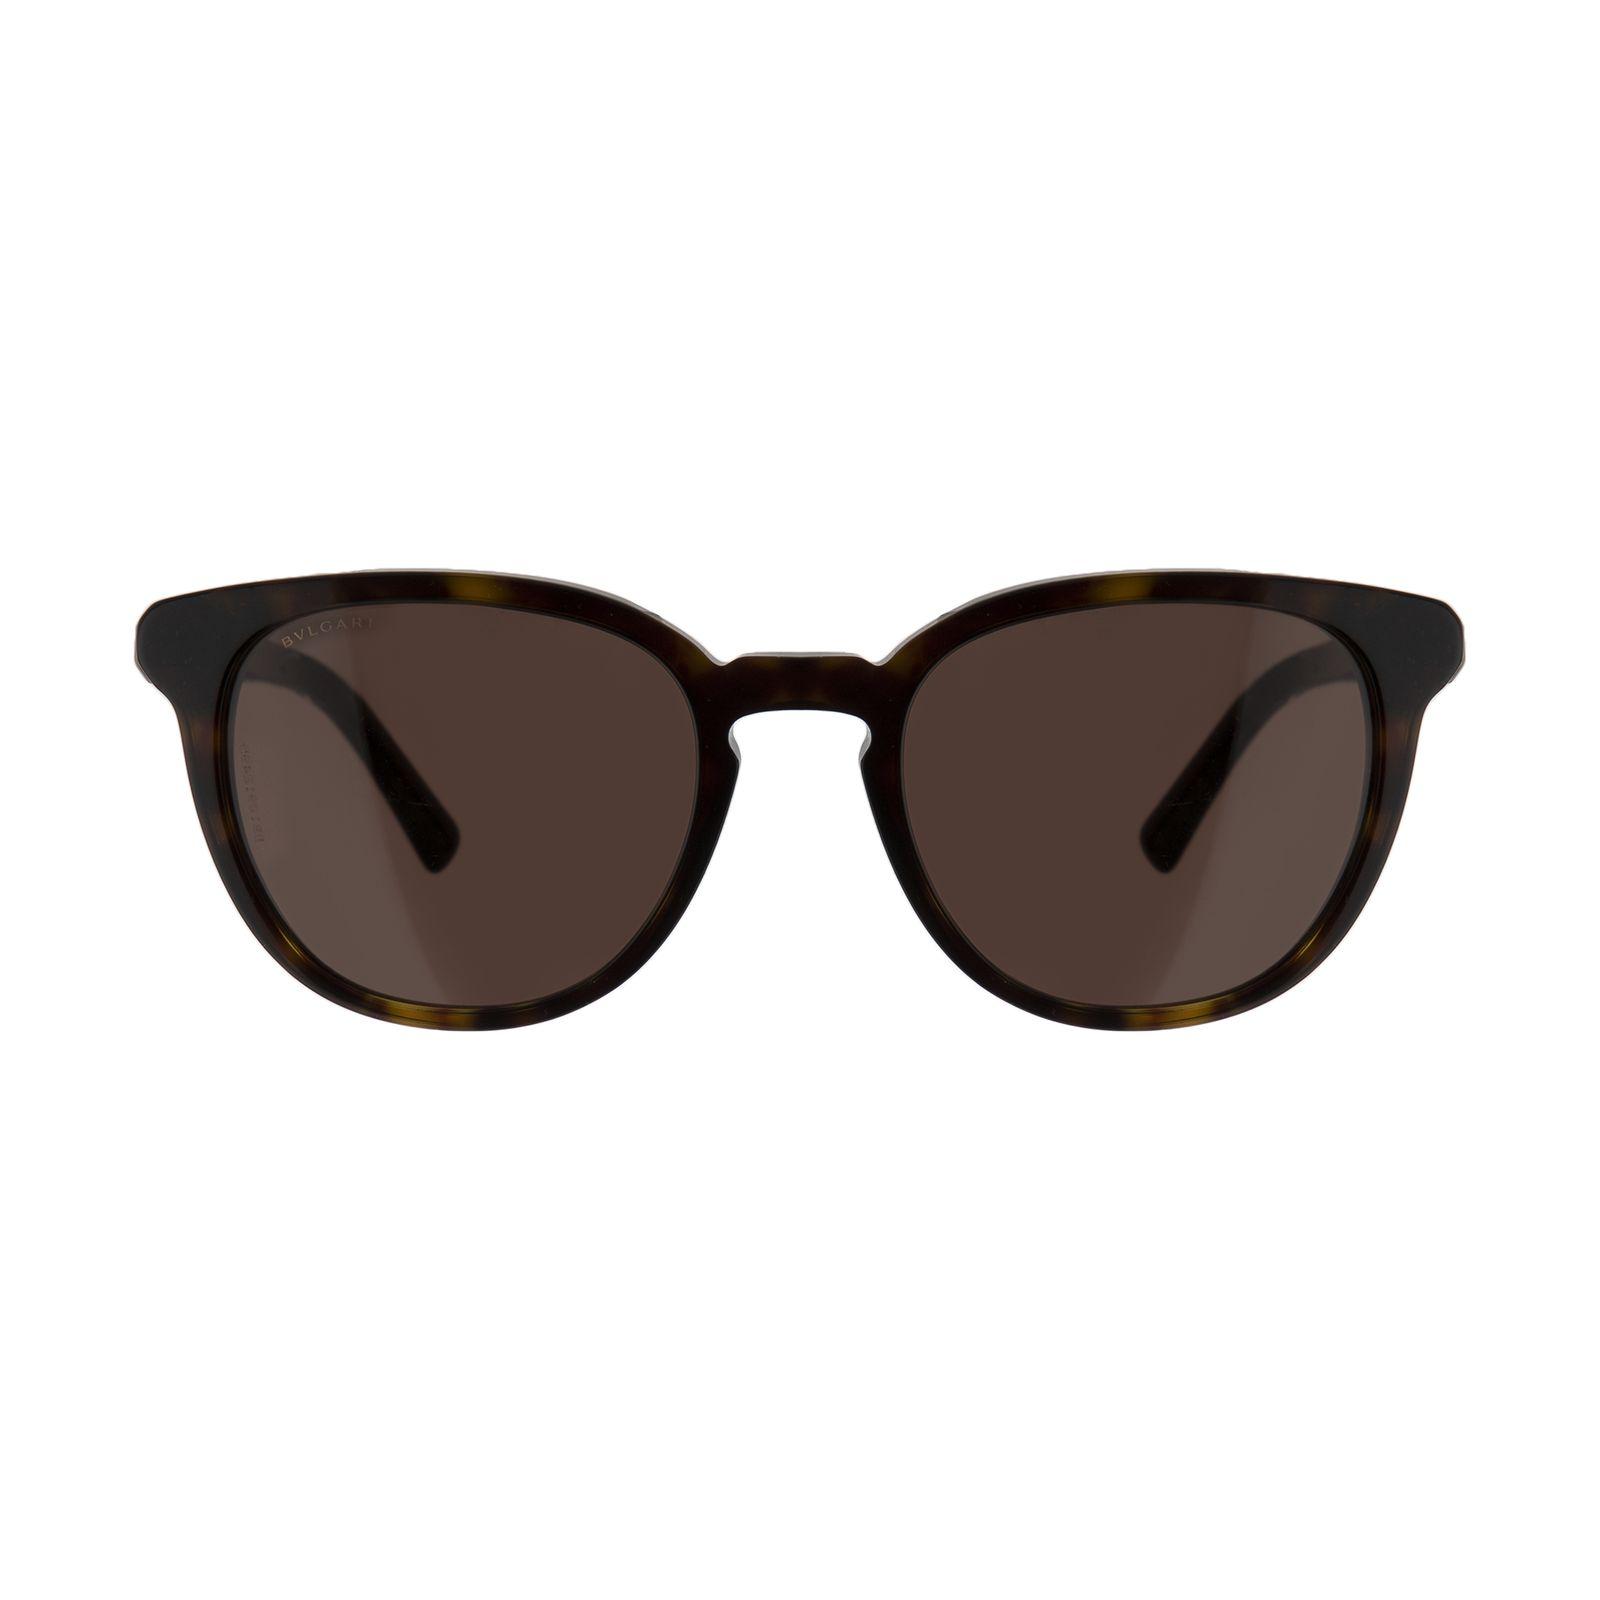 عینک آفتابی بولگاری مدل BV7019S 50473 -  - 2